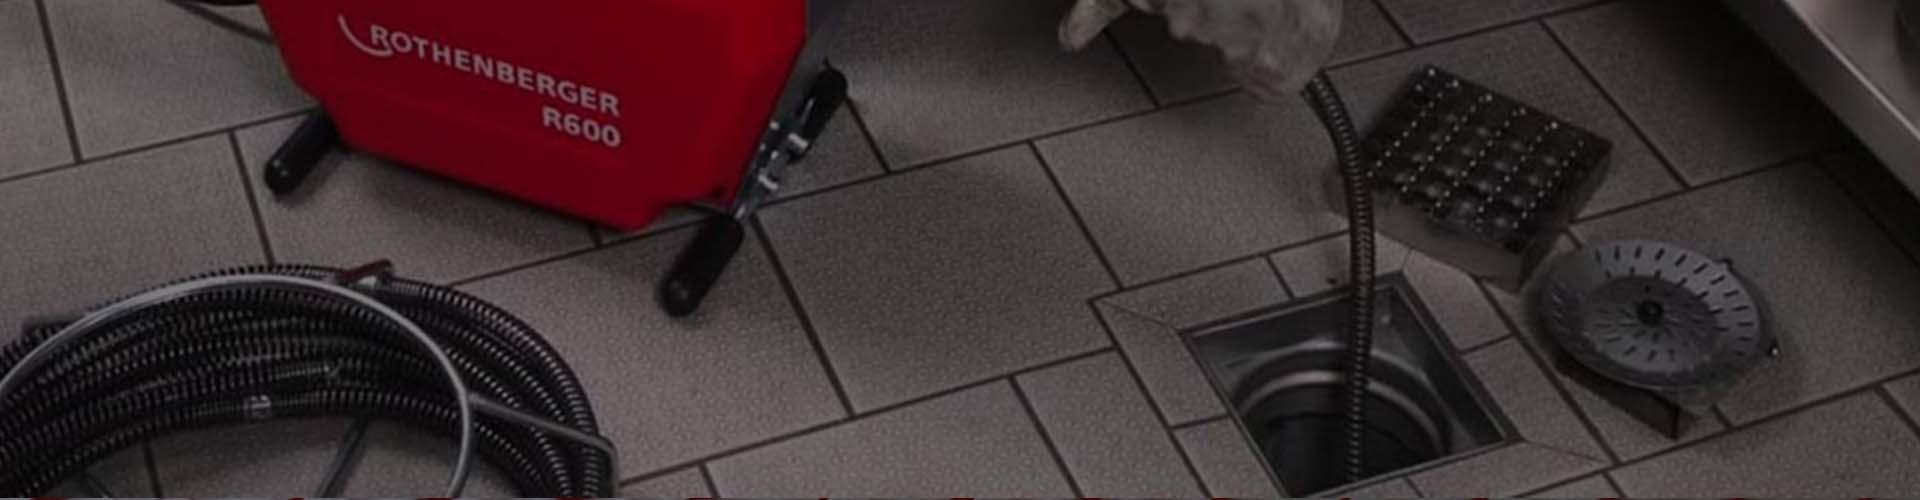 Küçükçekmece Tıkanıklık Açma, Küçükçekmece Gider Açma, Küçükçekmece Tuvalet Tıkanıklığı, Küçükçekmece Kırmadan Tıkanıklık Açma